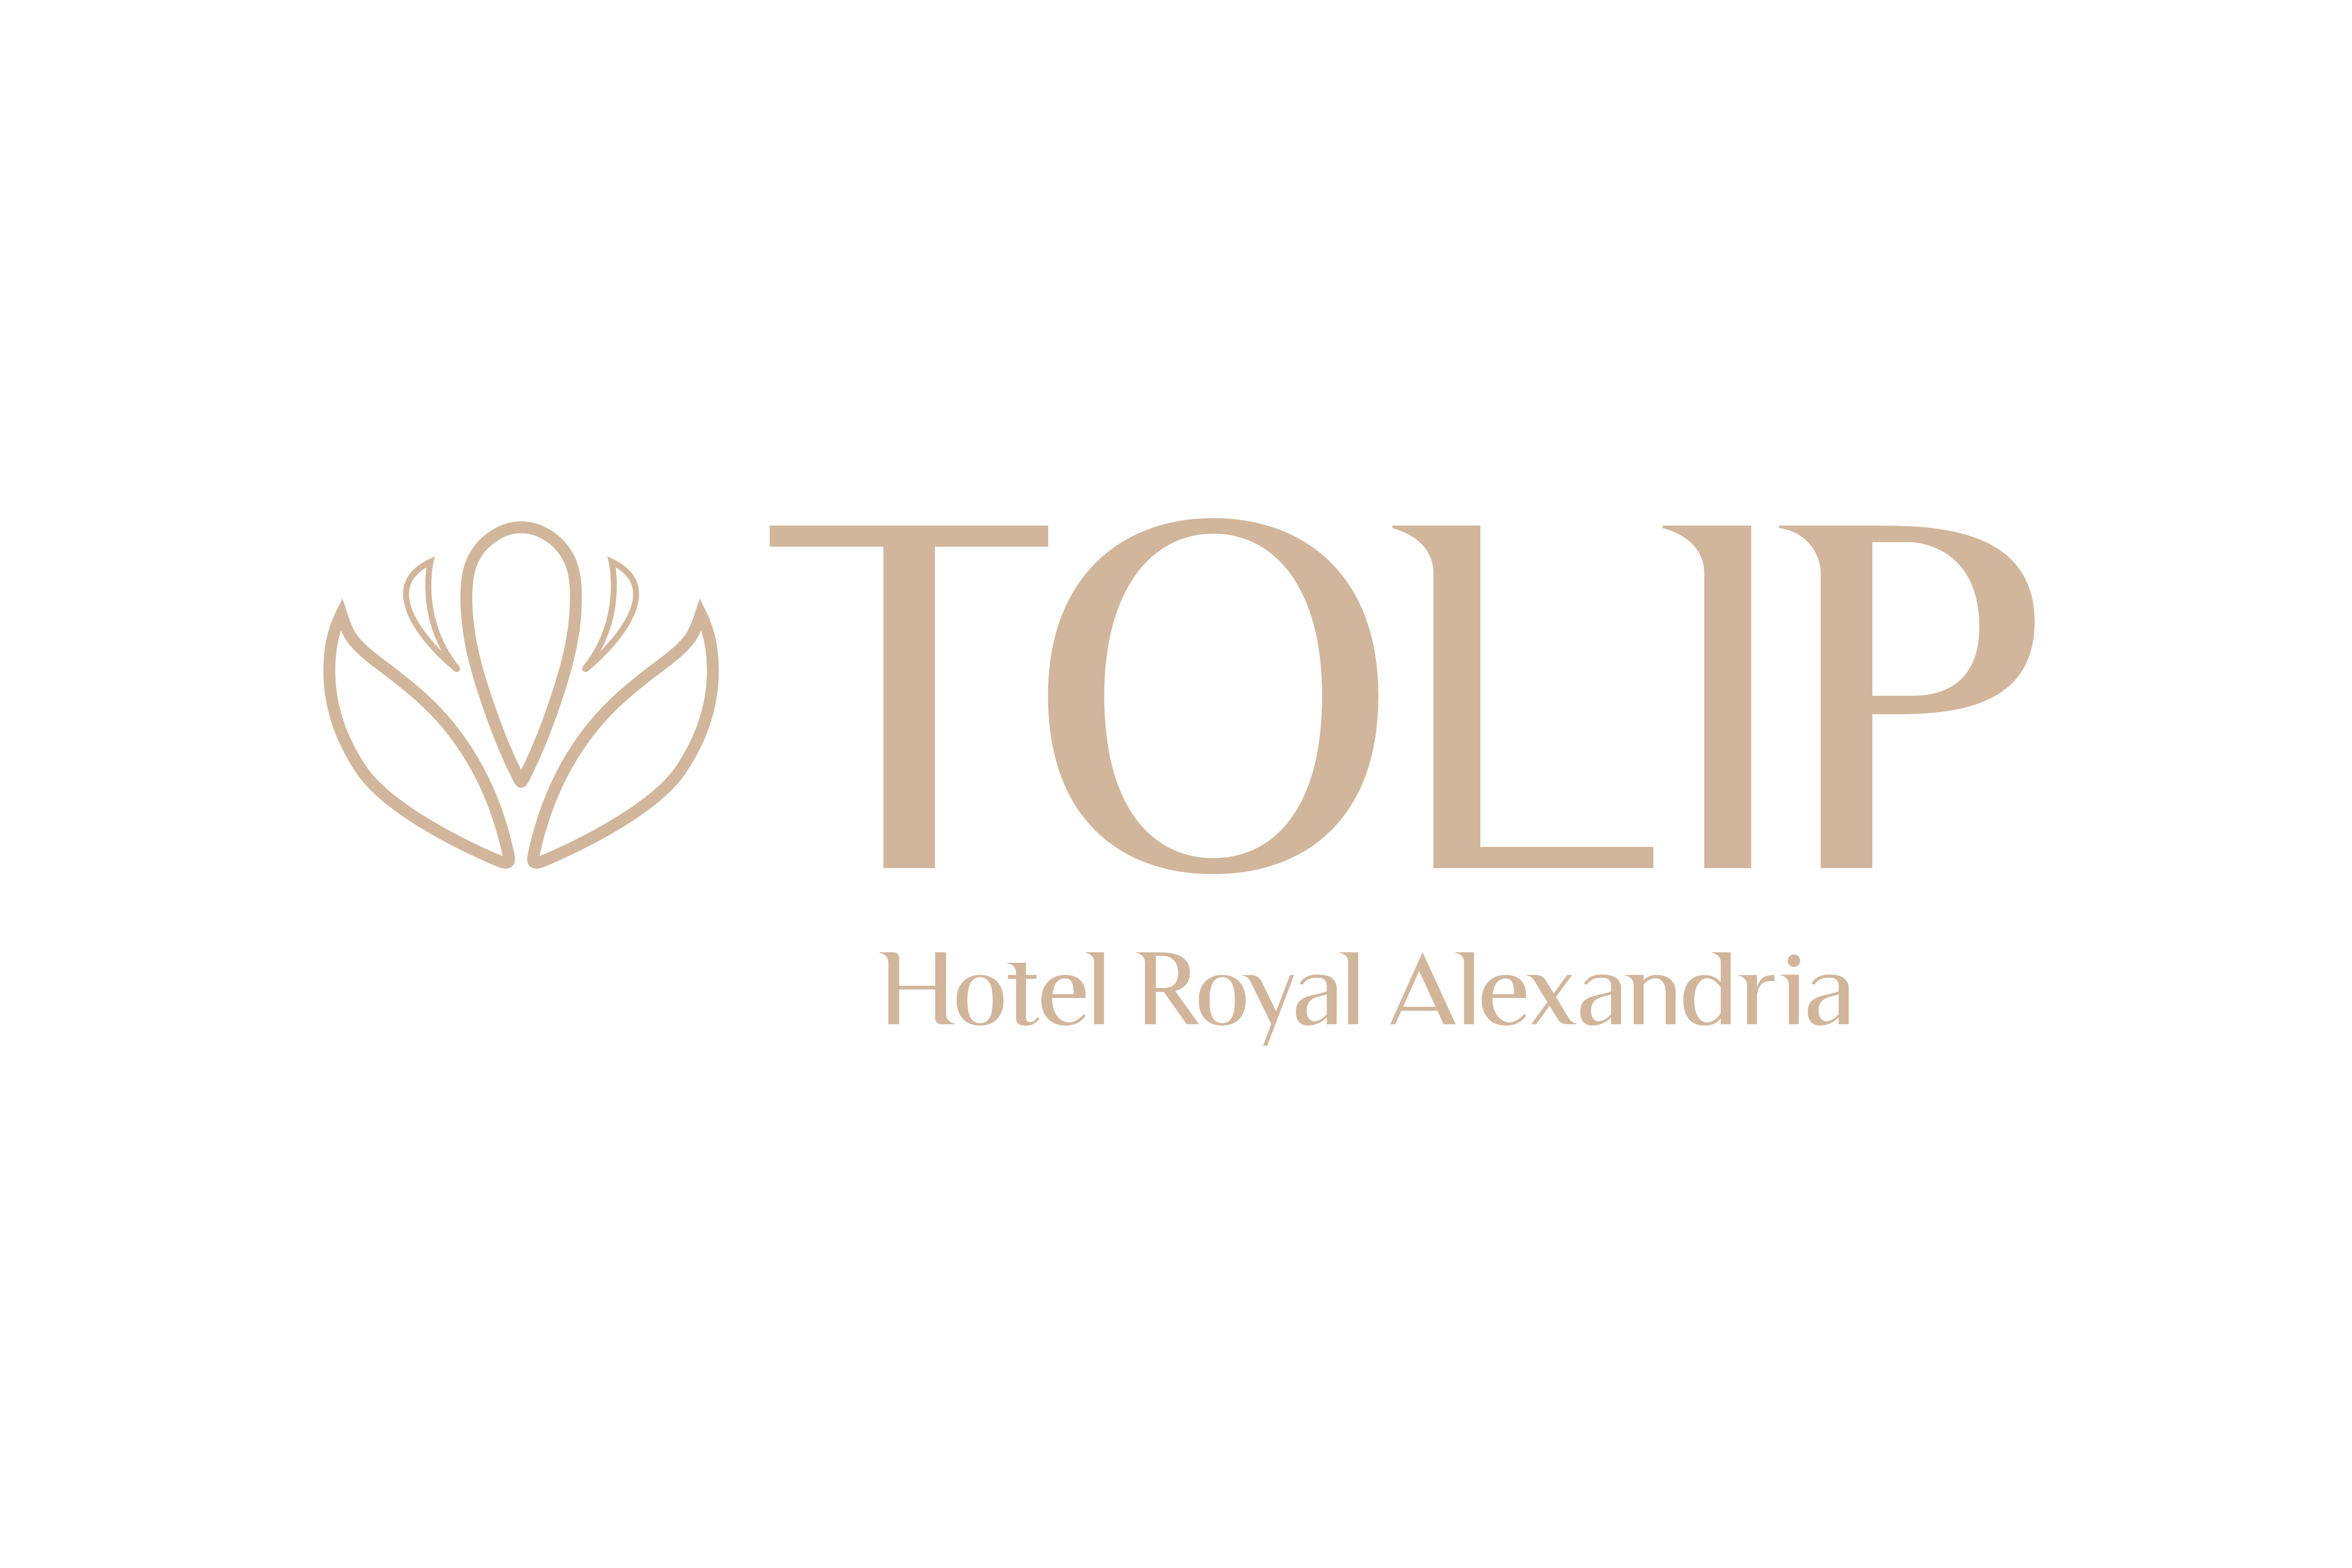 亞歷山大托里普酒店